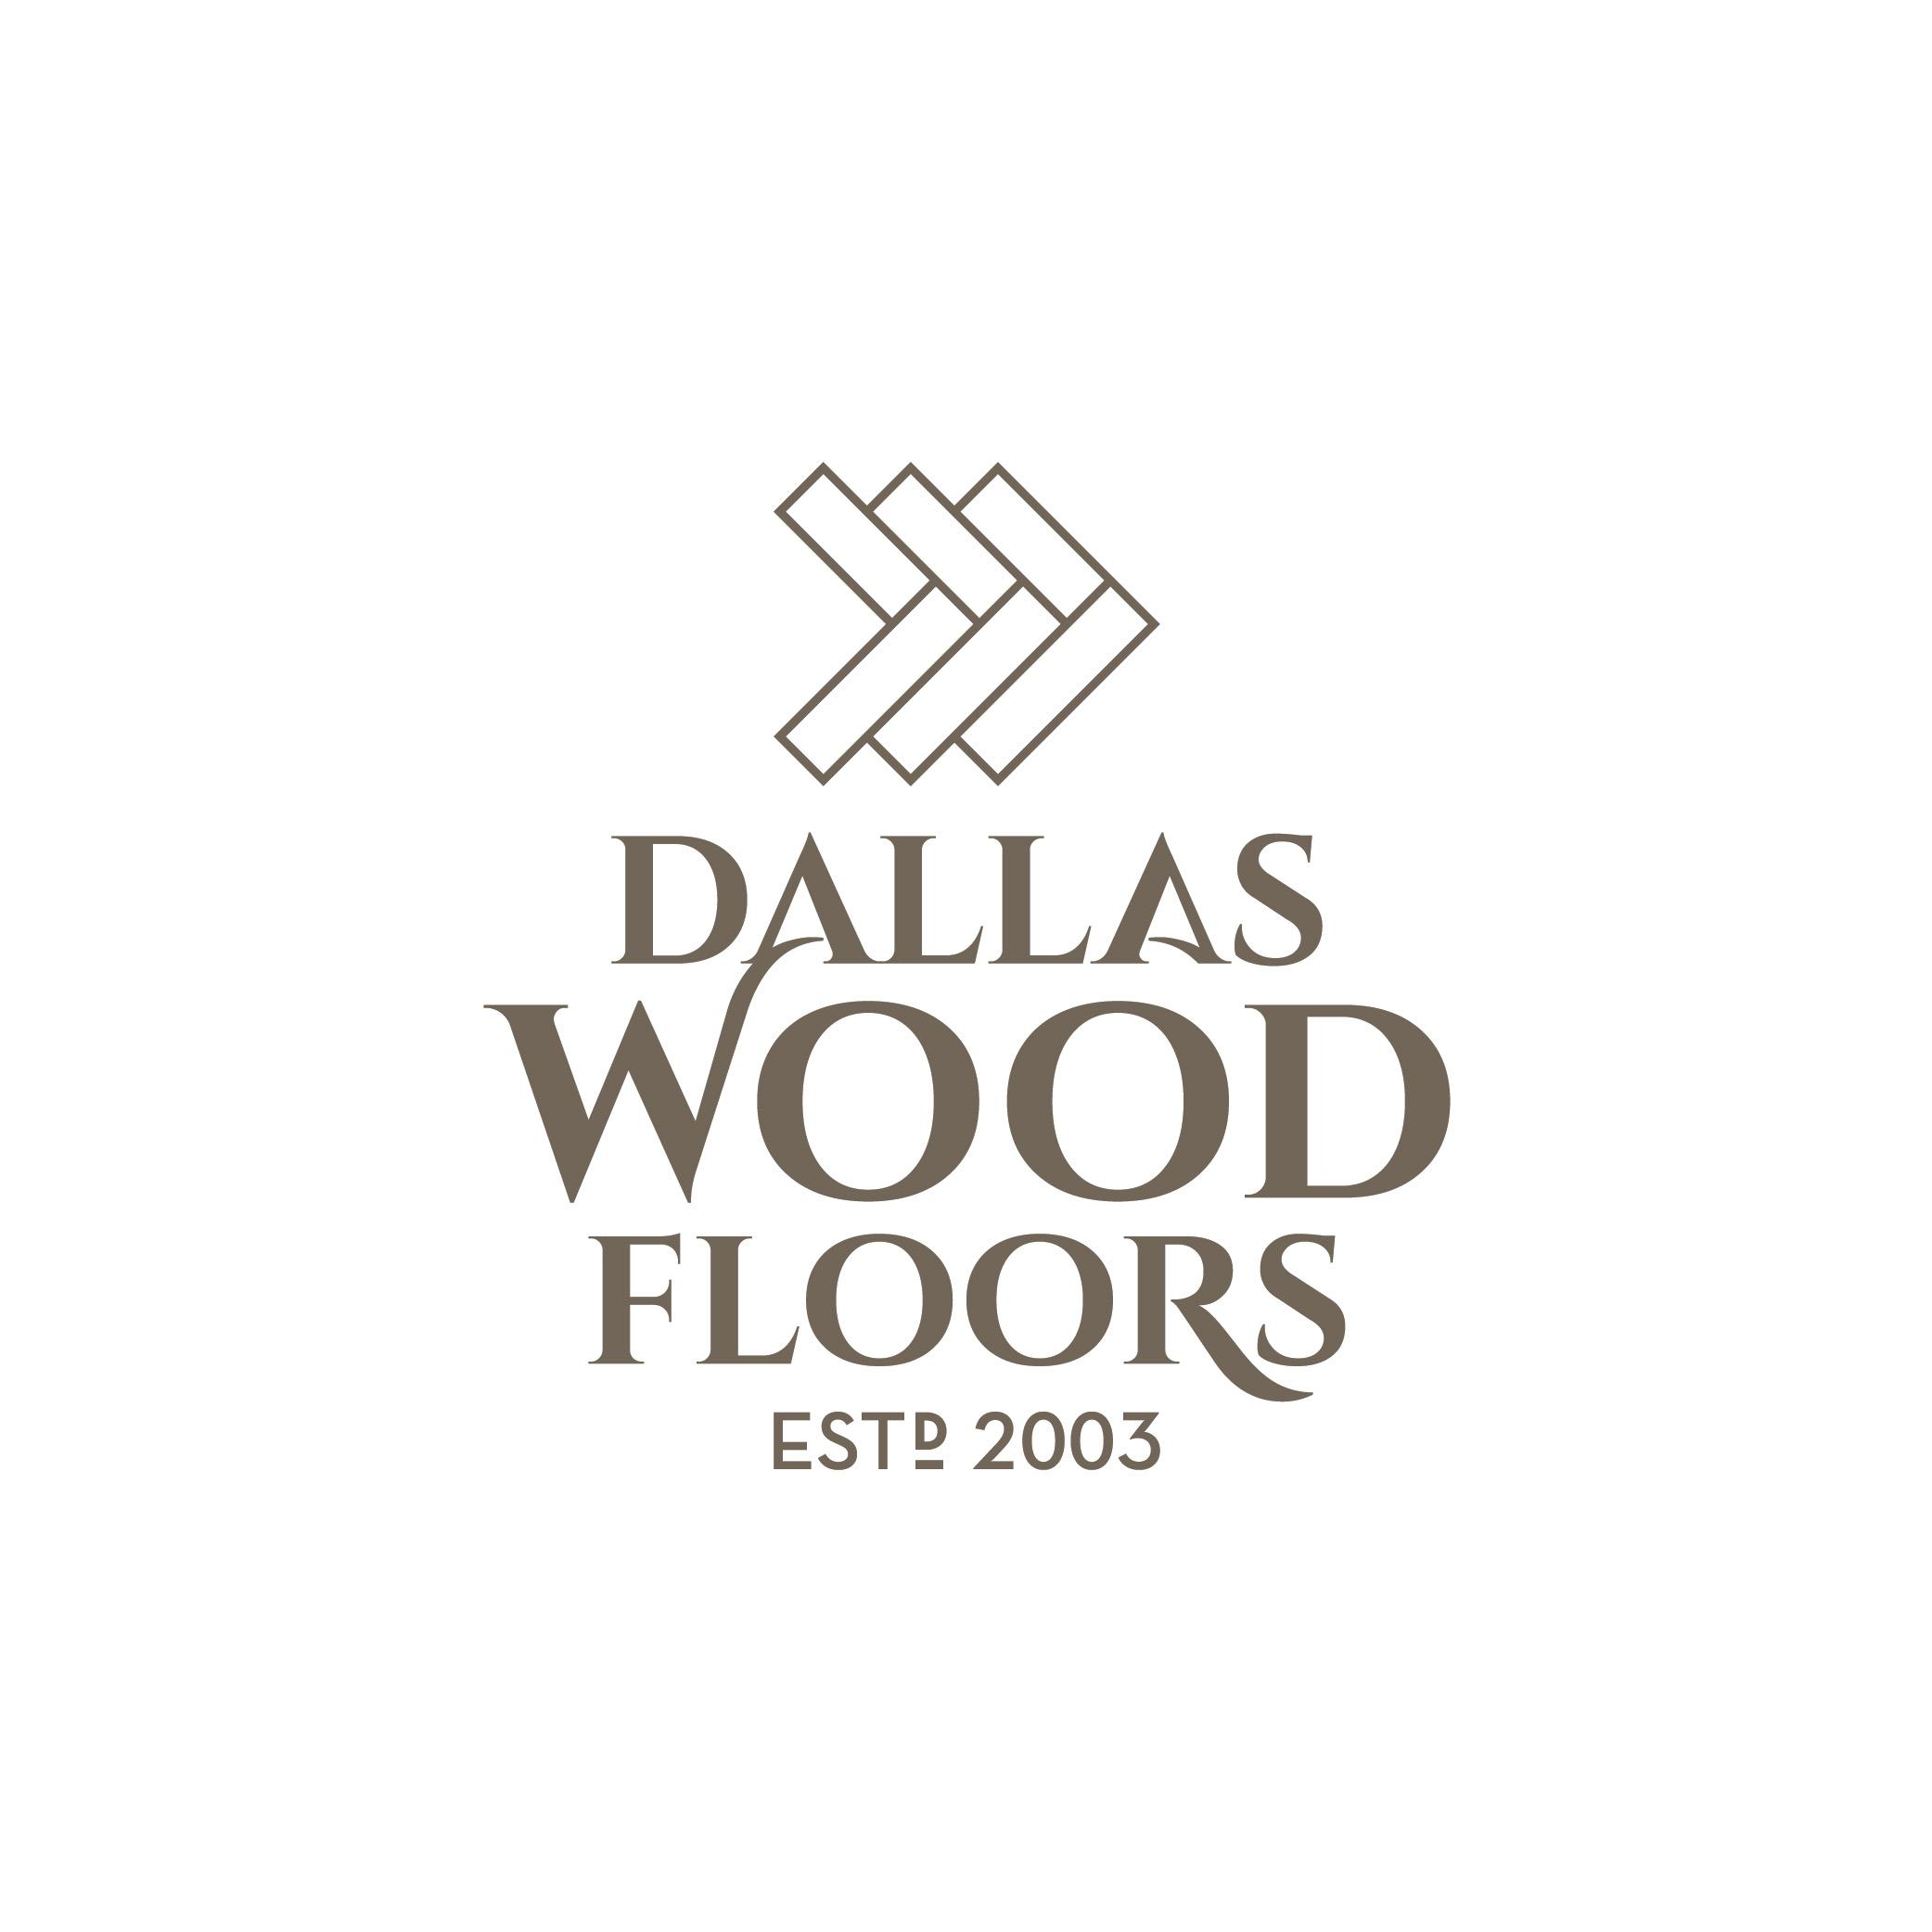 DallasWoodFloors.jpg